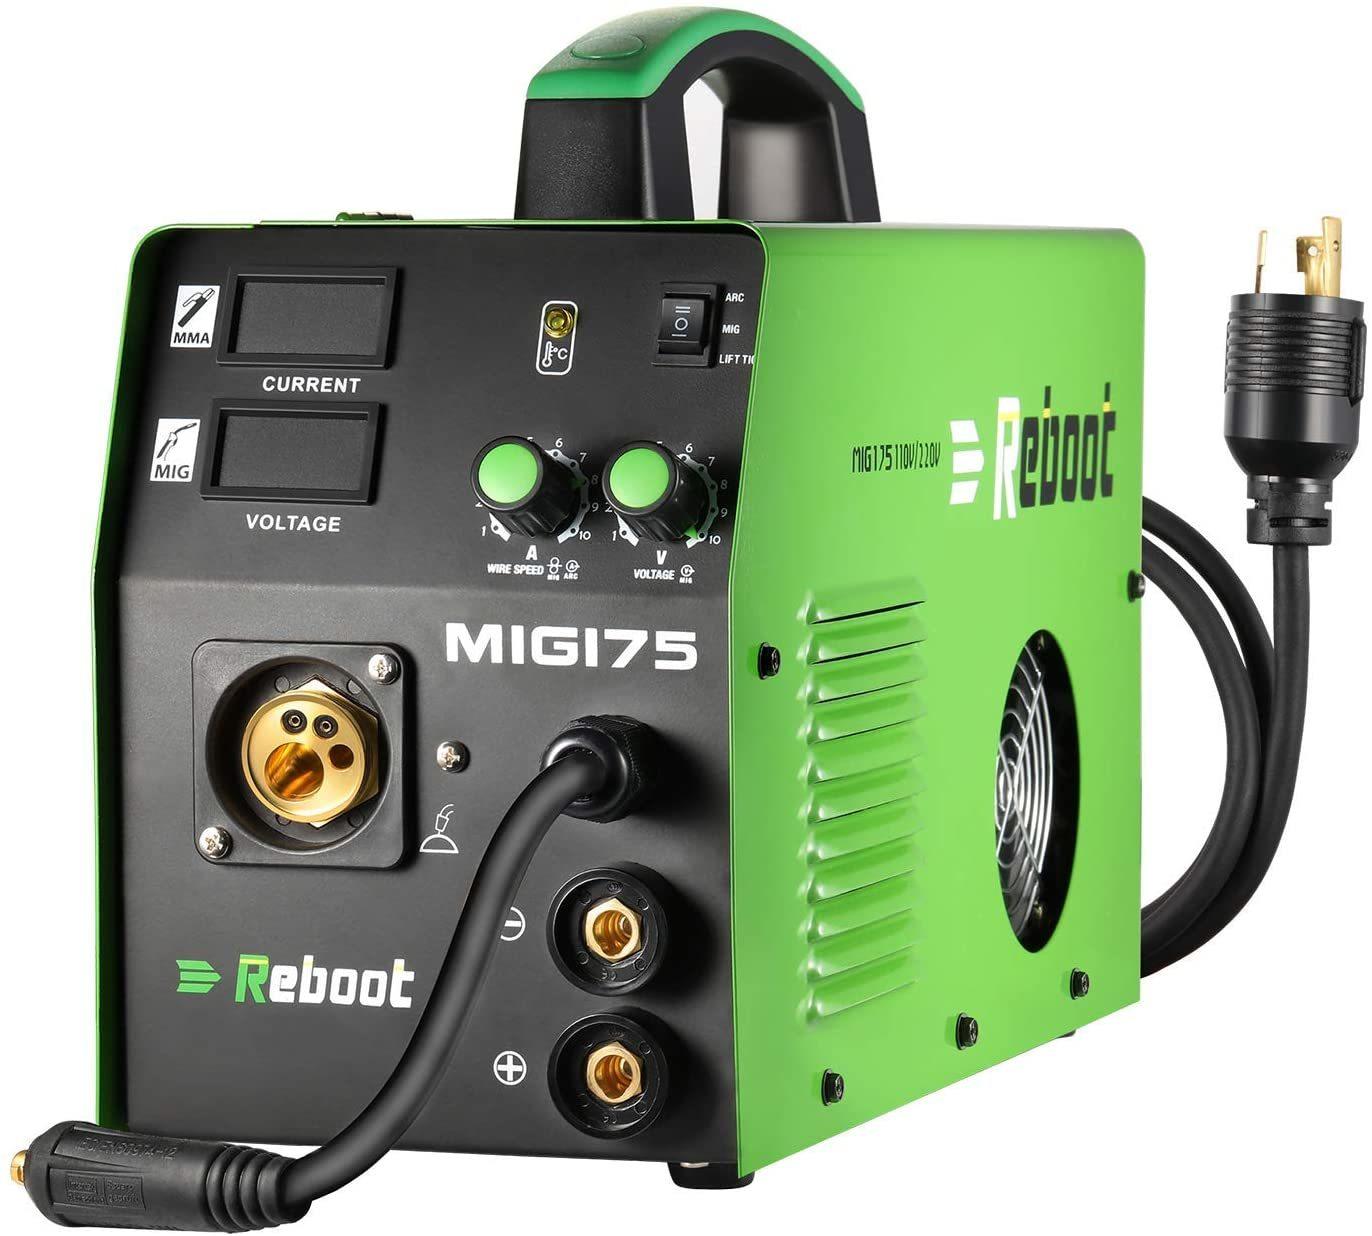 Reboot MIG175 Flux Core Welding Machine